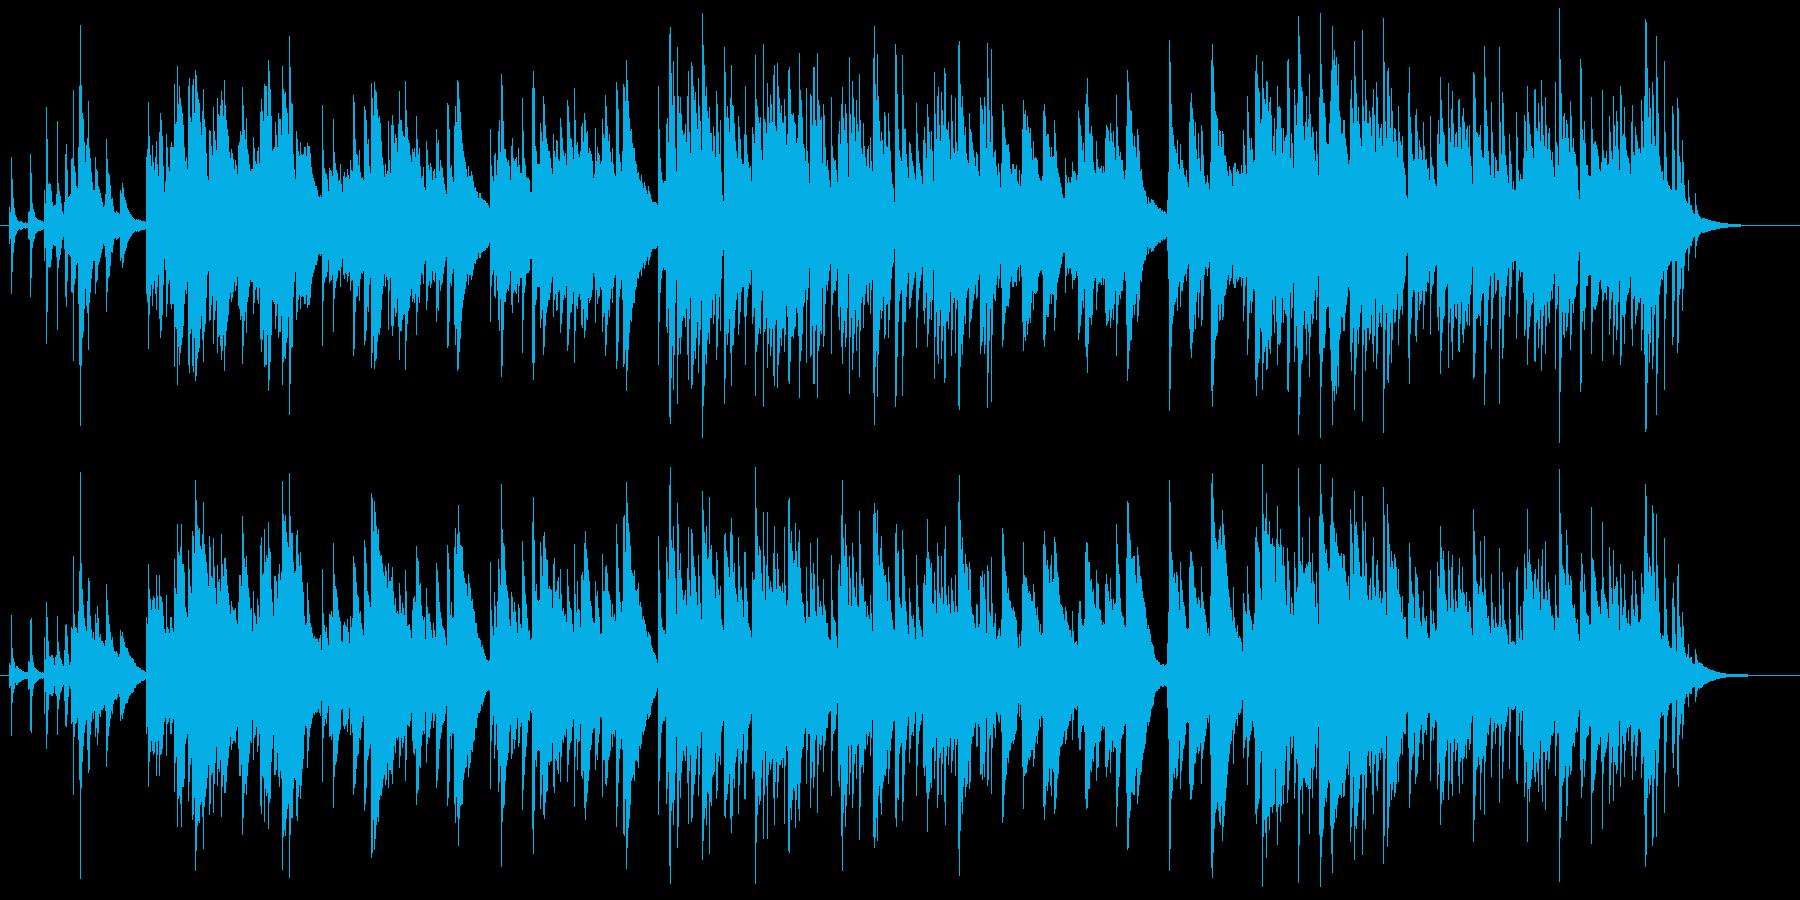 仔犬がかけまわるようなかわいらしい曲の再生済みの波形